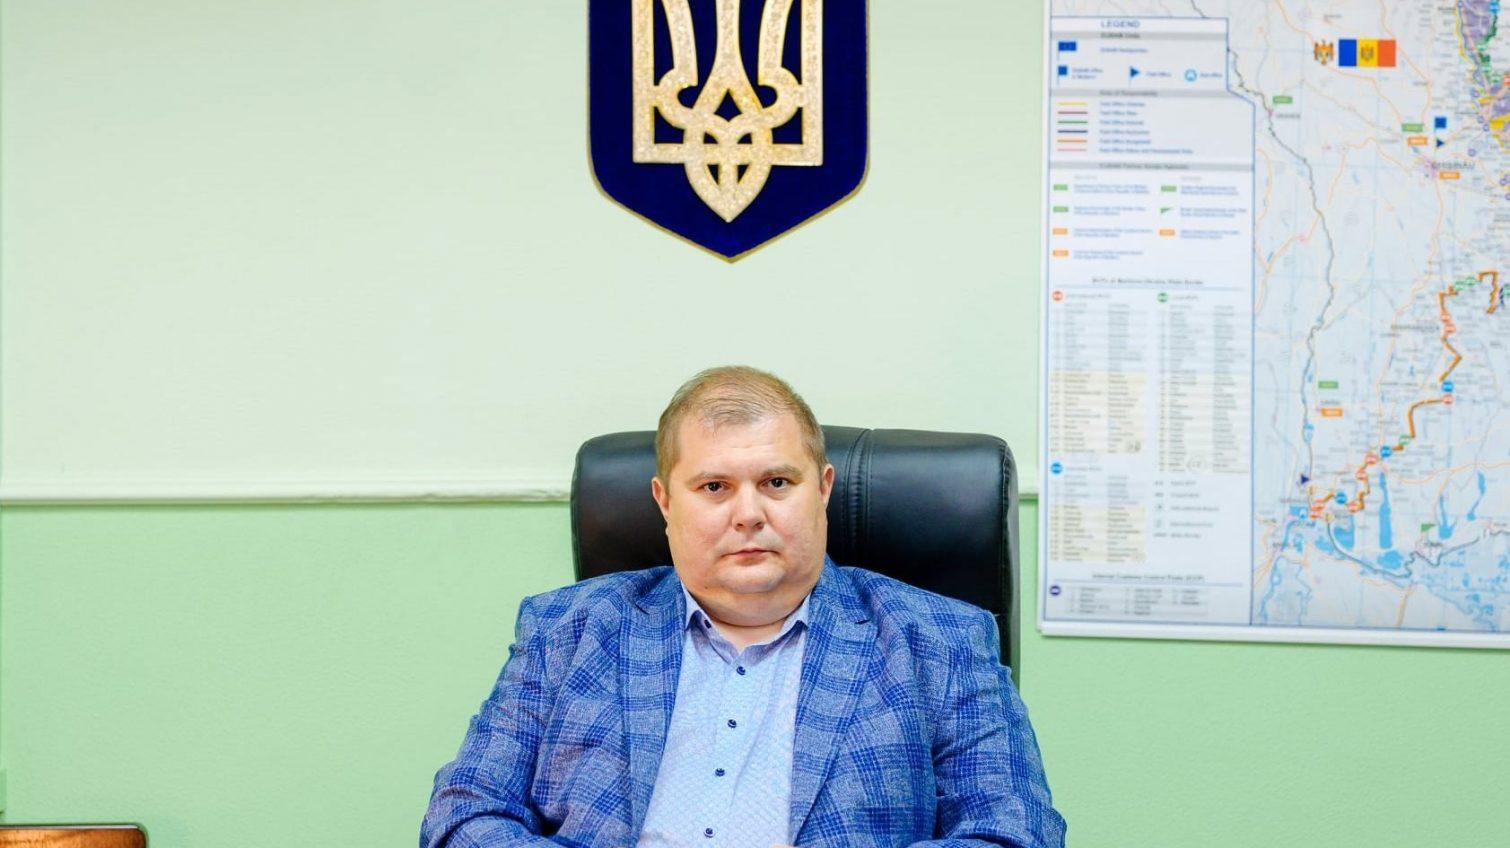 Одесскую таможню возглавил люстрированный Денис Пудрик, который баллотировался от Тимошенко в нардепы «фото»